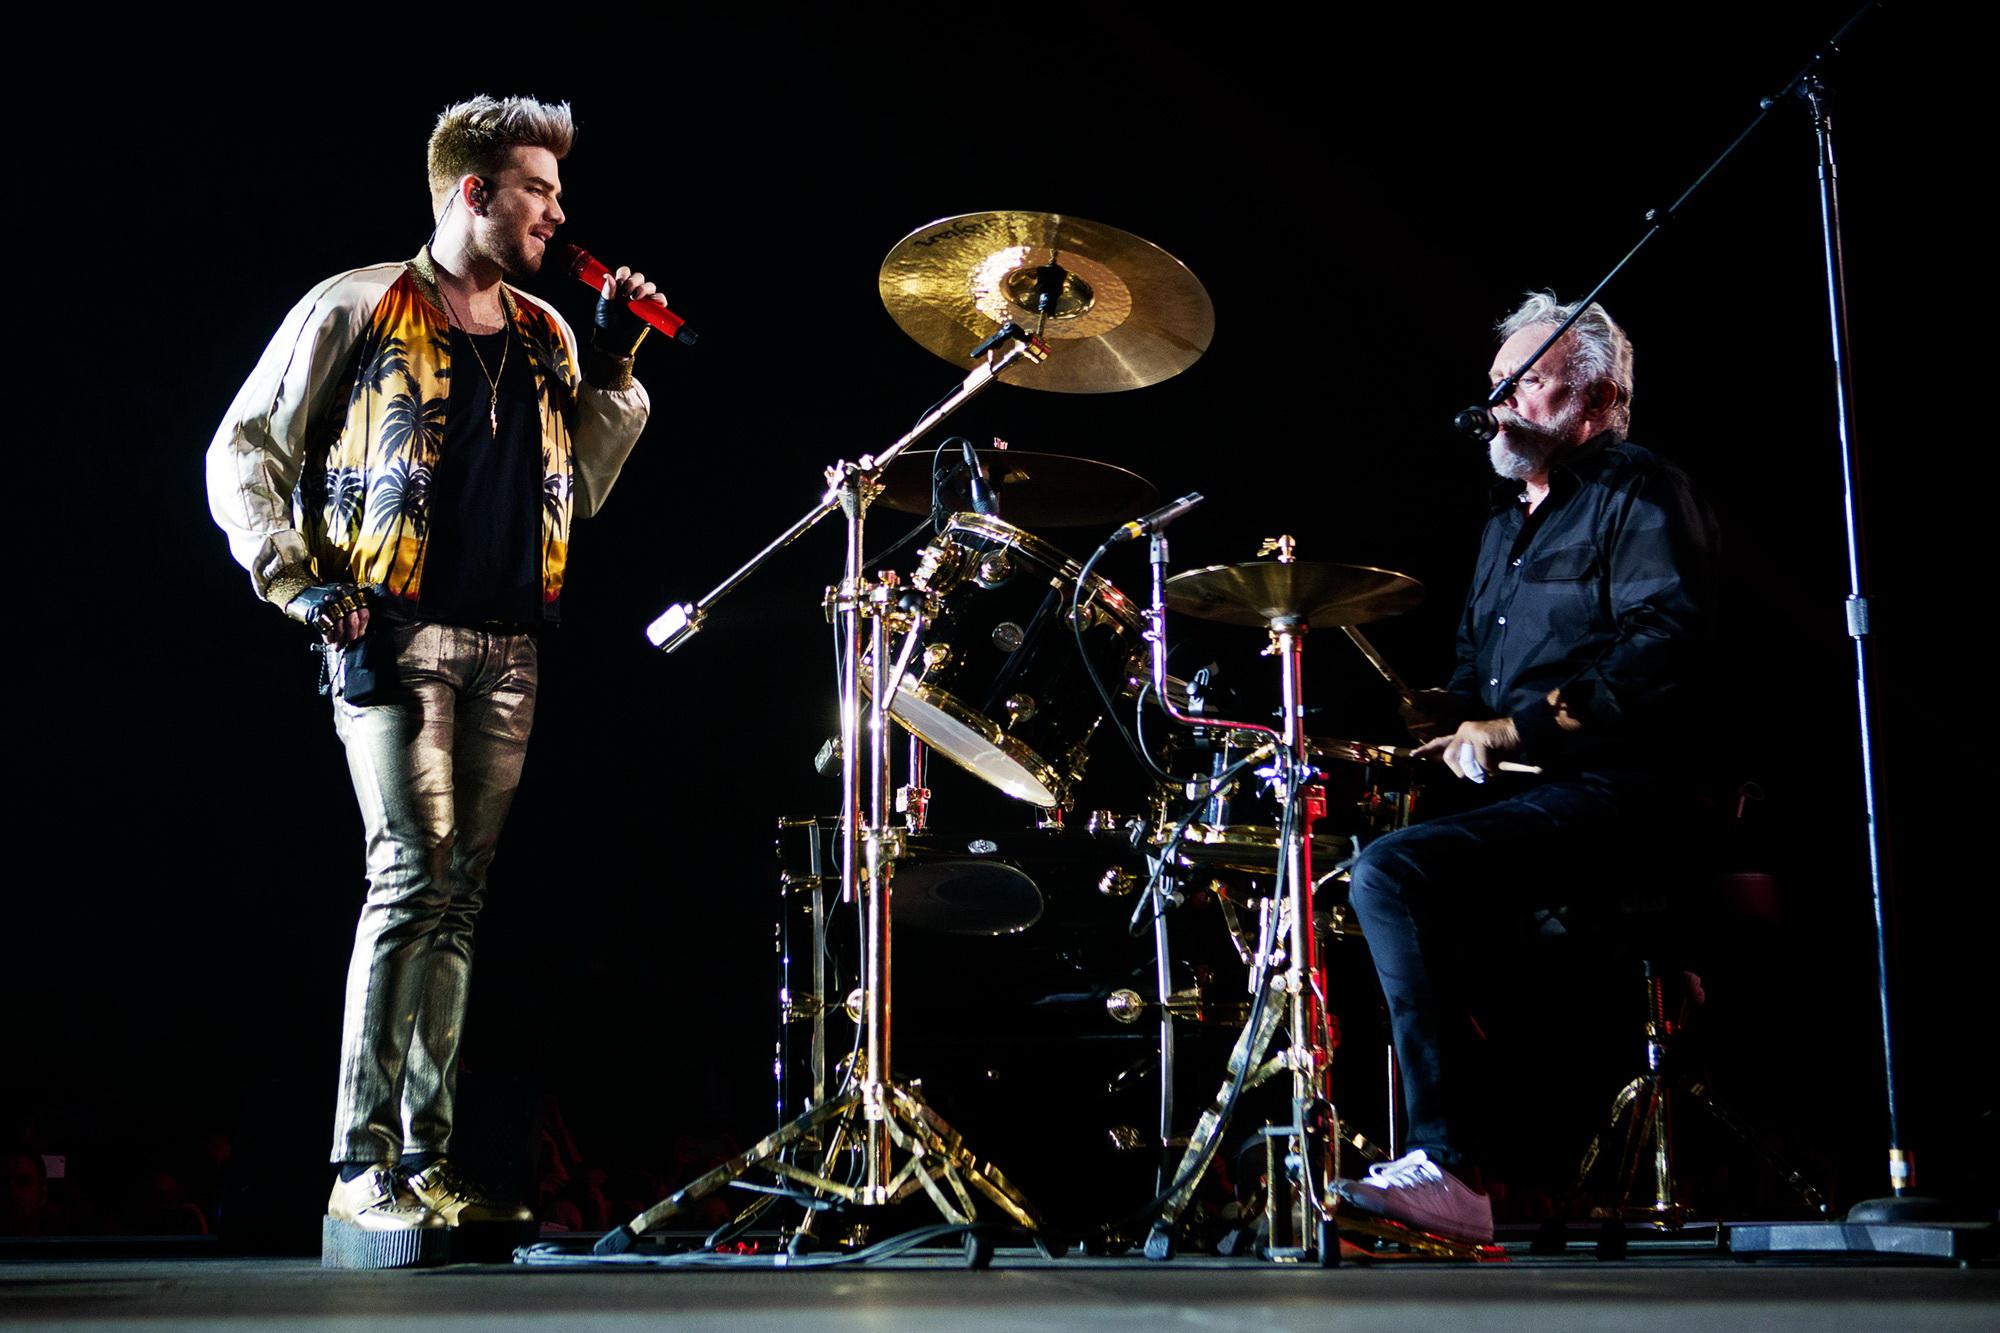 Początek światowego tour Queen + Adam Lambert za dwa miesiące. Łódź też jest na mapie koncertowej!